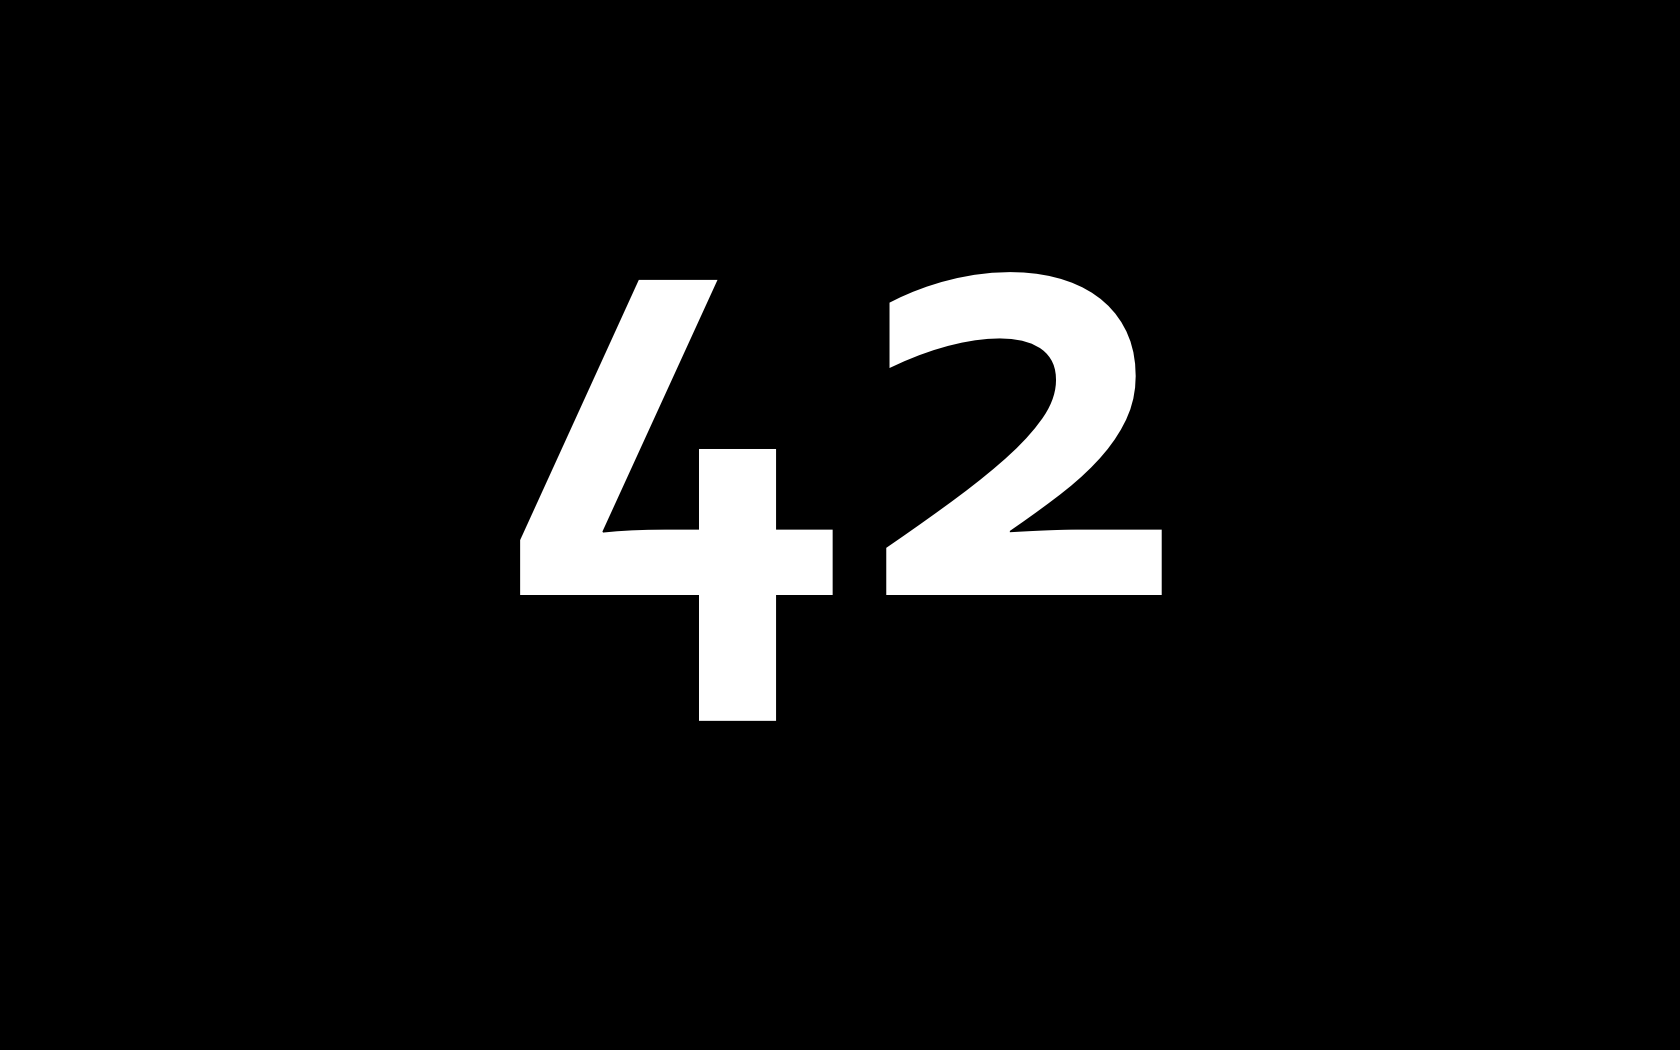 og42.png